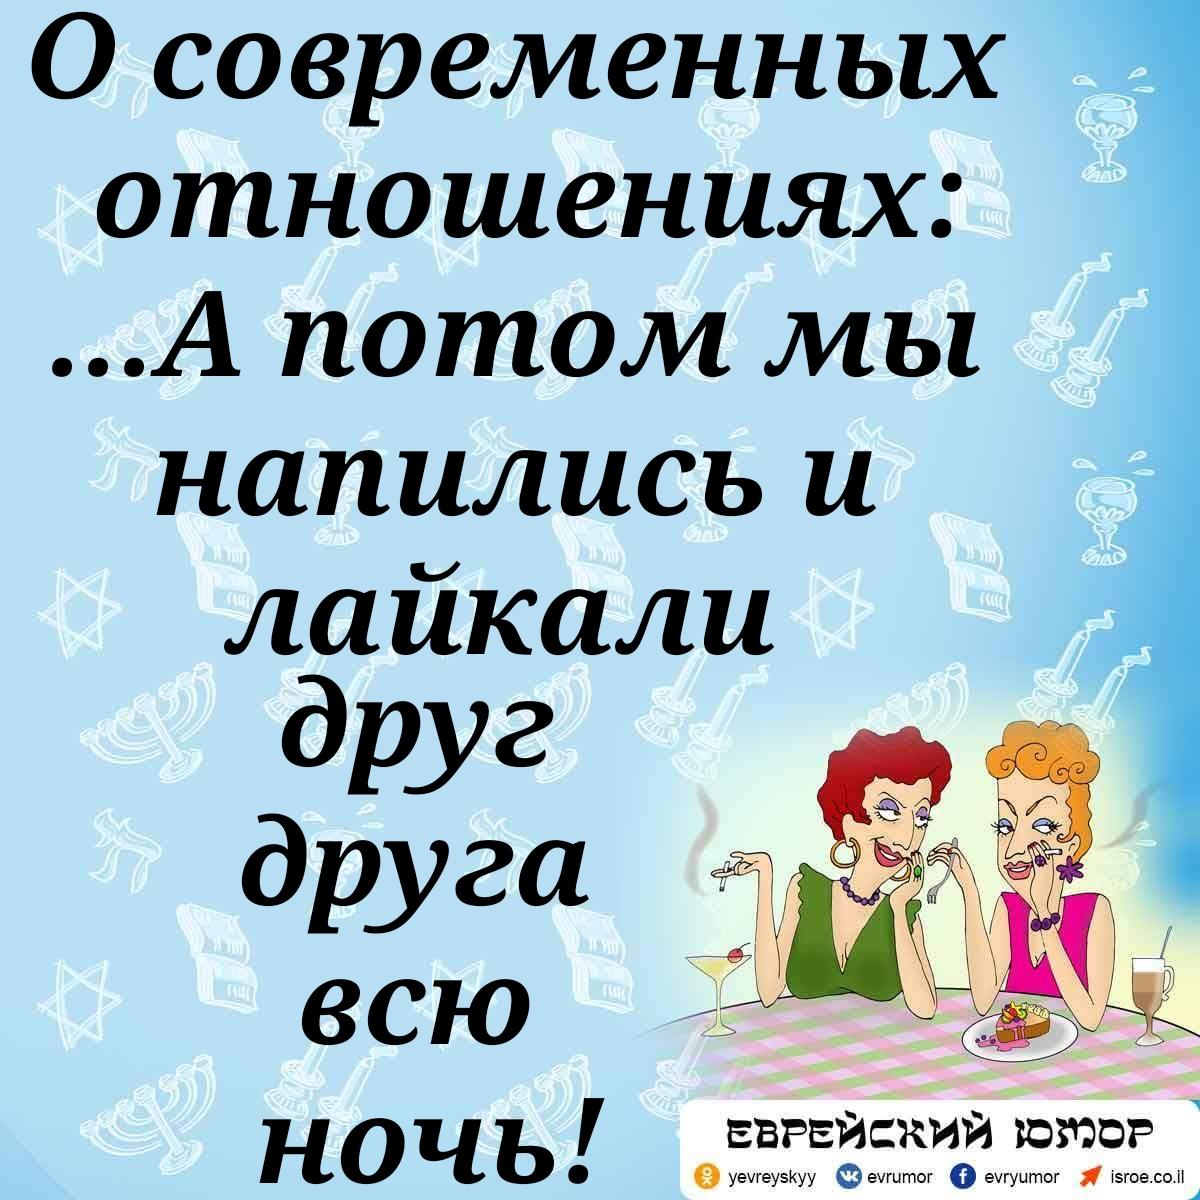 Еврейский юмор. Одесский анекдот. О современных отношениях